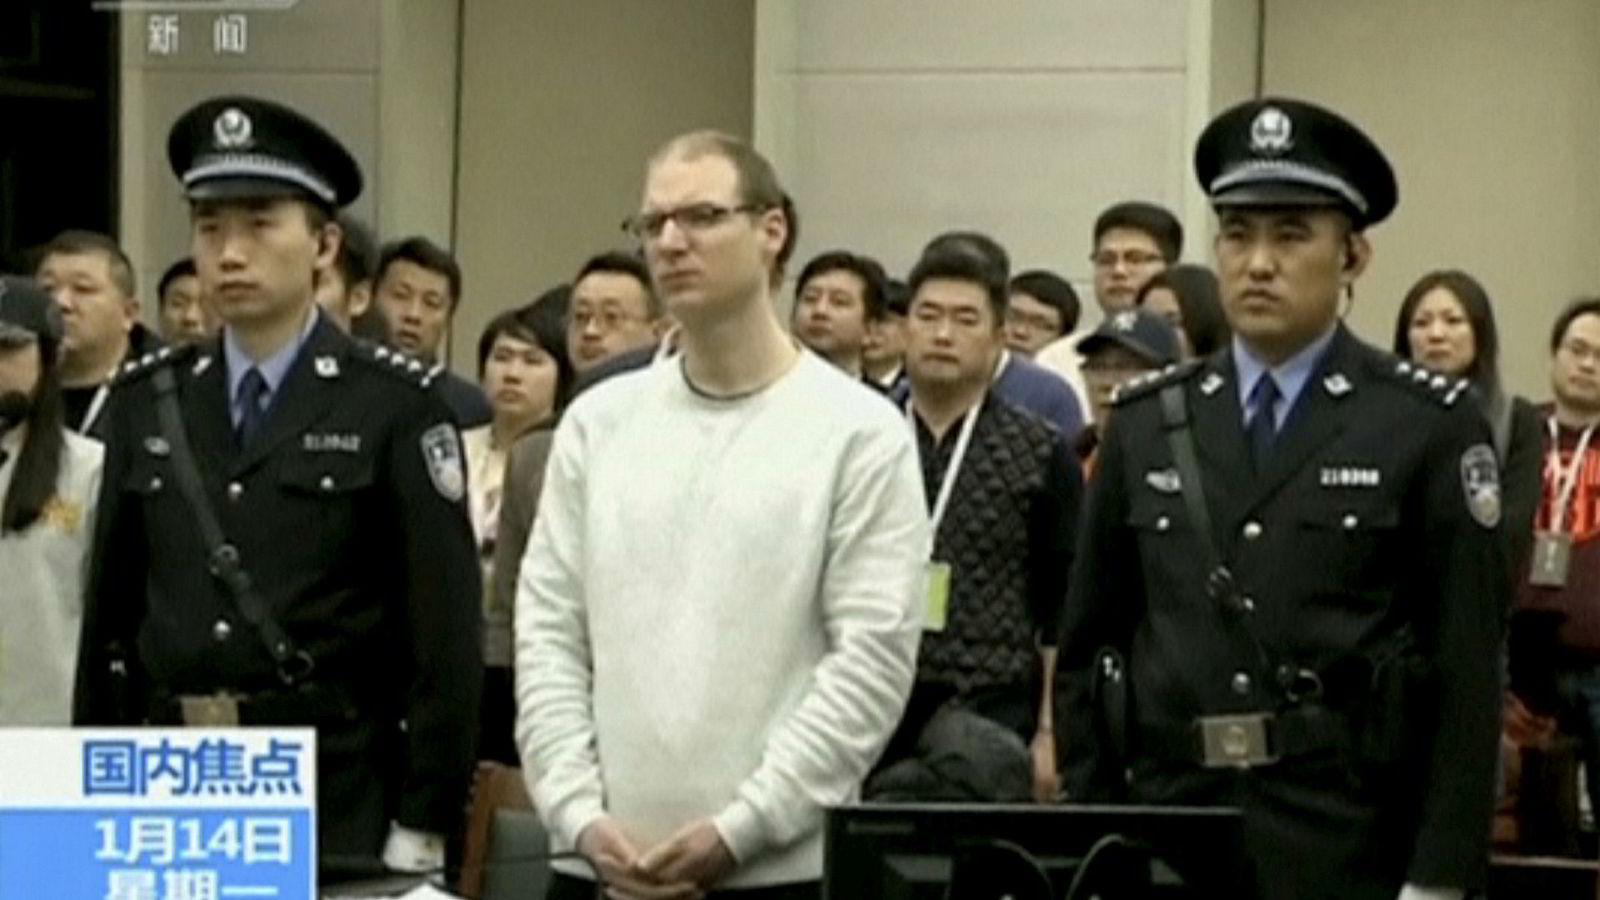 Kanadieren Robert Lloyd Schellenberg ble pågrepet i 2014 for narkotikasmugling fra Kina til Australia. I november i fjor ble han dømt til 15 års fengsel. Nå venter en dødsdom.